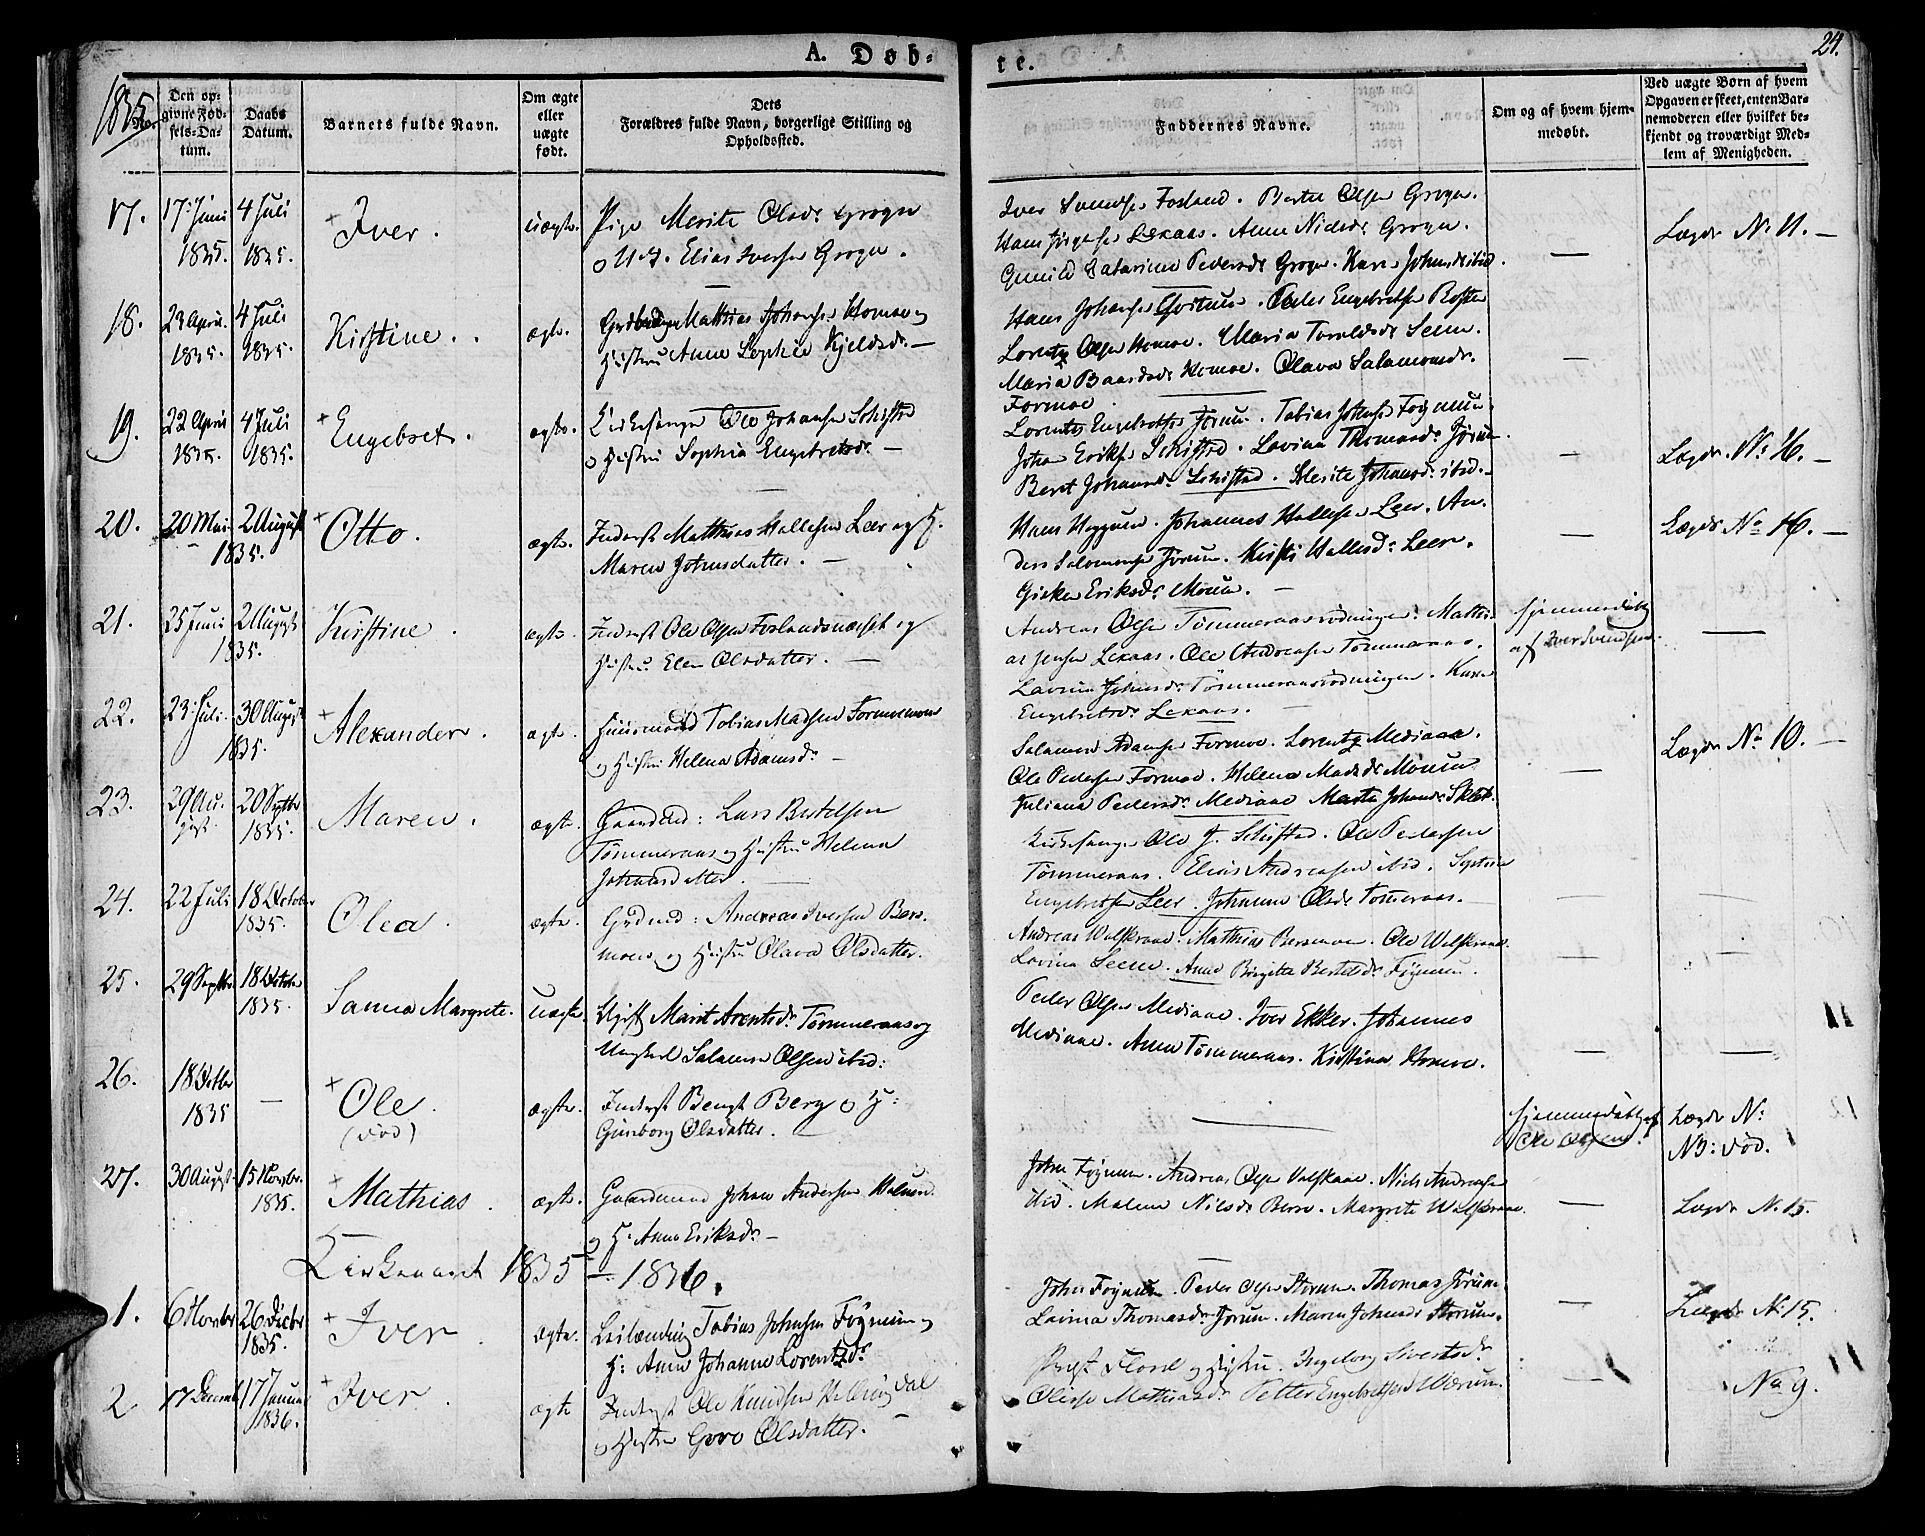 SAT, Ministerialprotokoller, klokkerbøker og fødselsregistre - Nord-Trøndelag, 758/L0510: Ministerialbok nr. 758A01 /1, 1821-1841, s. 24